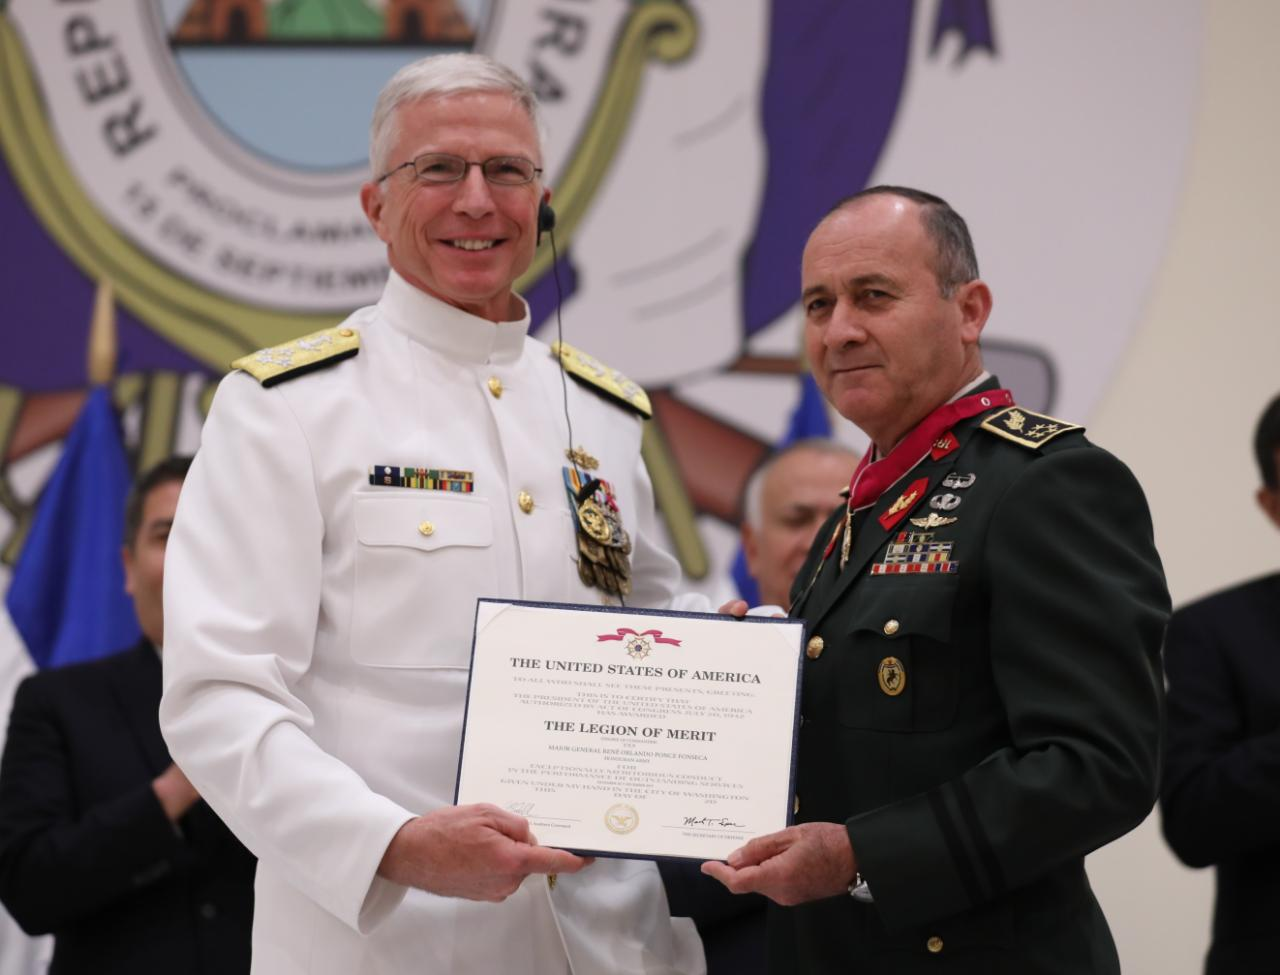 El Presidente Hernández participó en Condecoración al General Ponce Fonseca con Medalla de Legión al Mérito